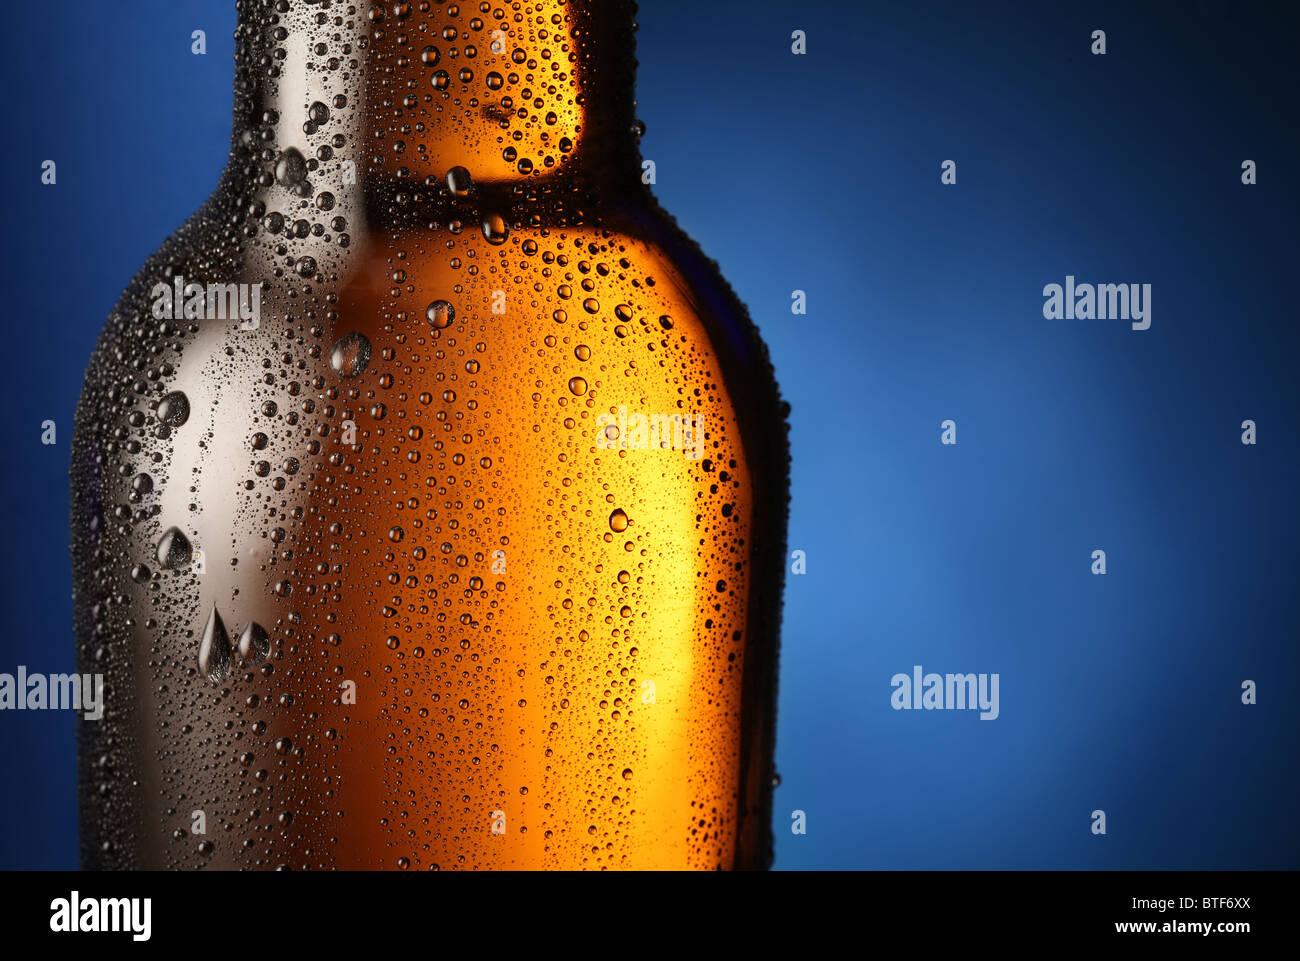 Botella de Cerveza con gotas sobre un fondo azul. Cerrar parte de la botella. Imagen De Stock